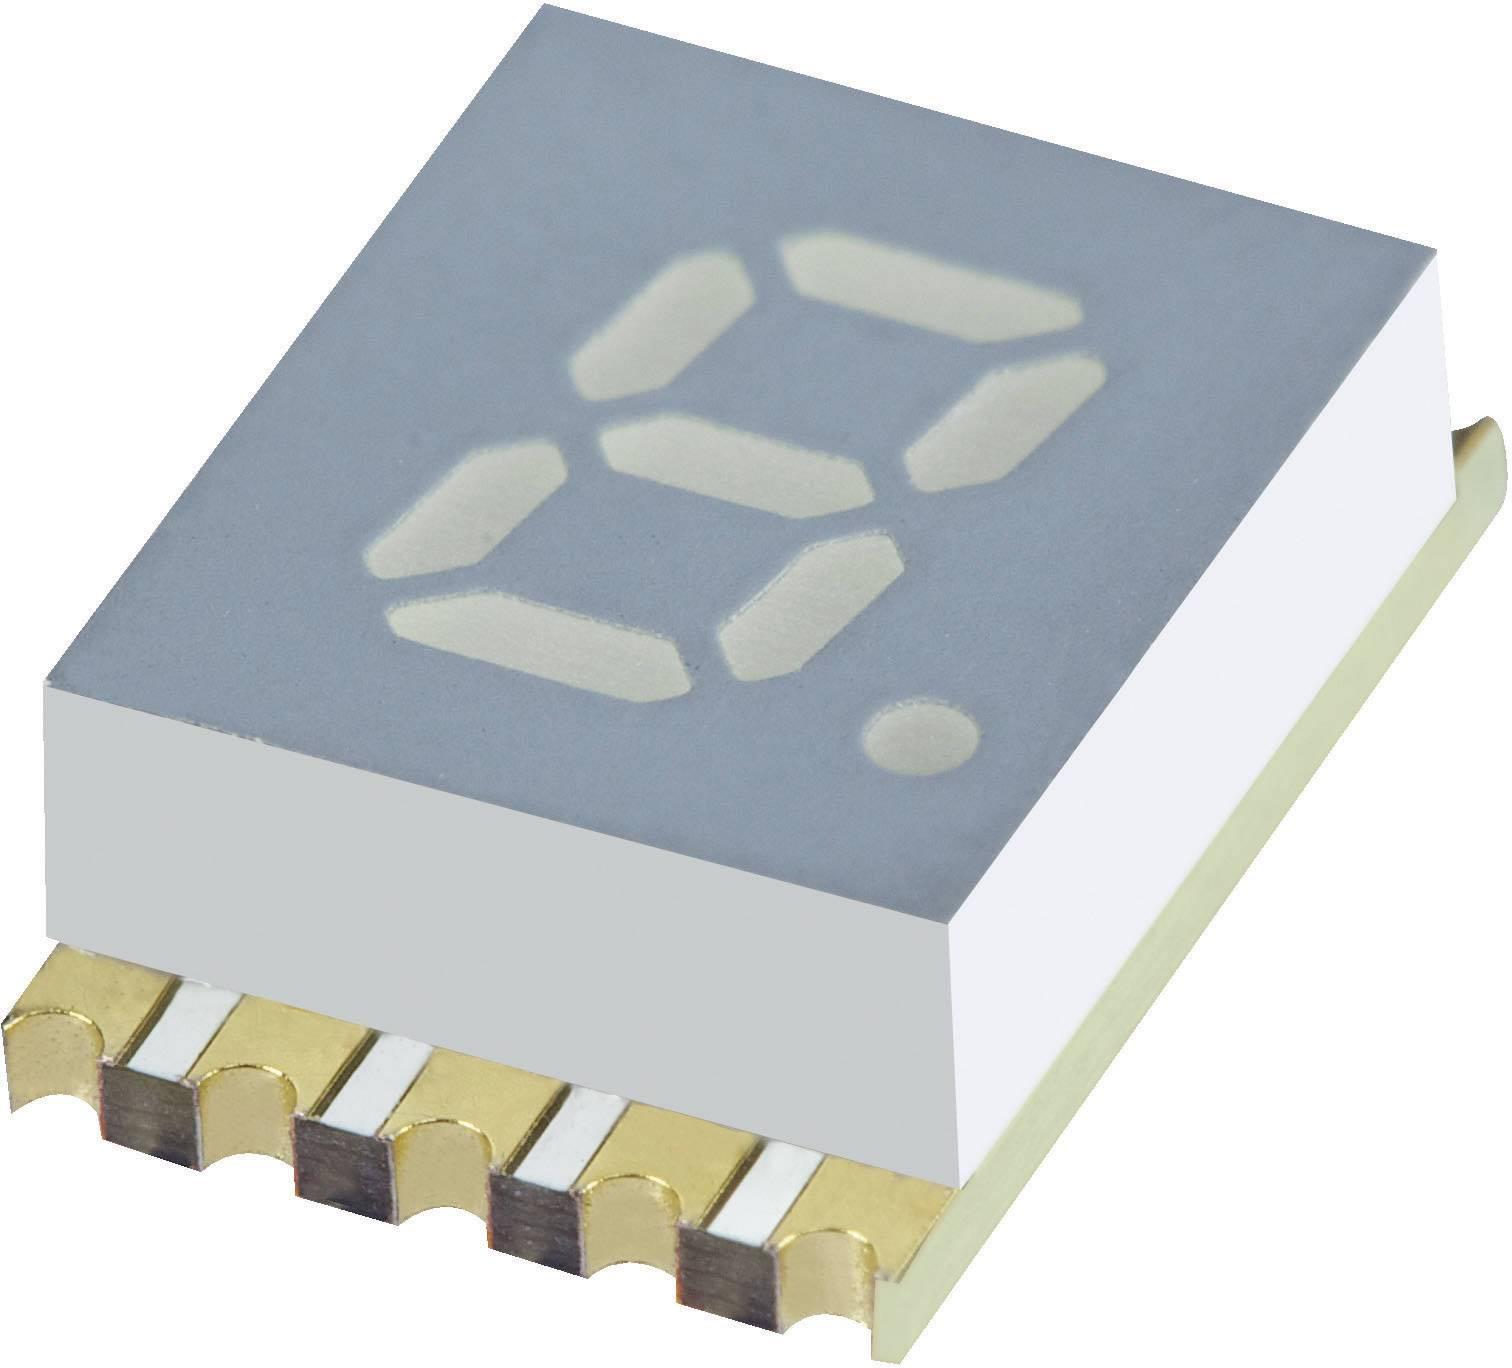 7-segmentový displej Kingbright KCSC02-107, číslic 1, 5.08 mm, 1.95 V, žltá